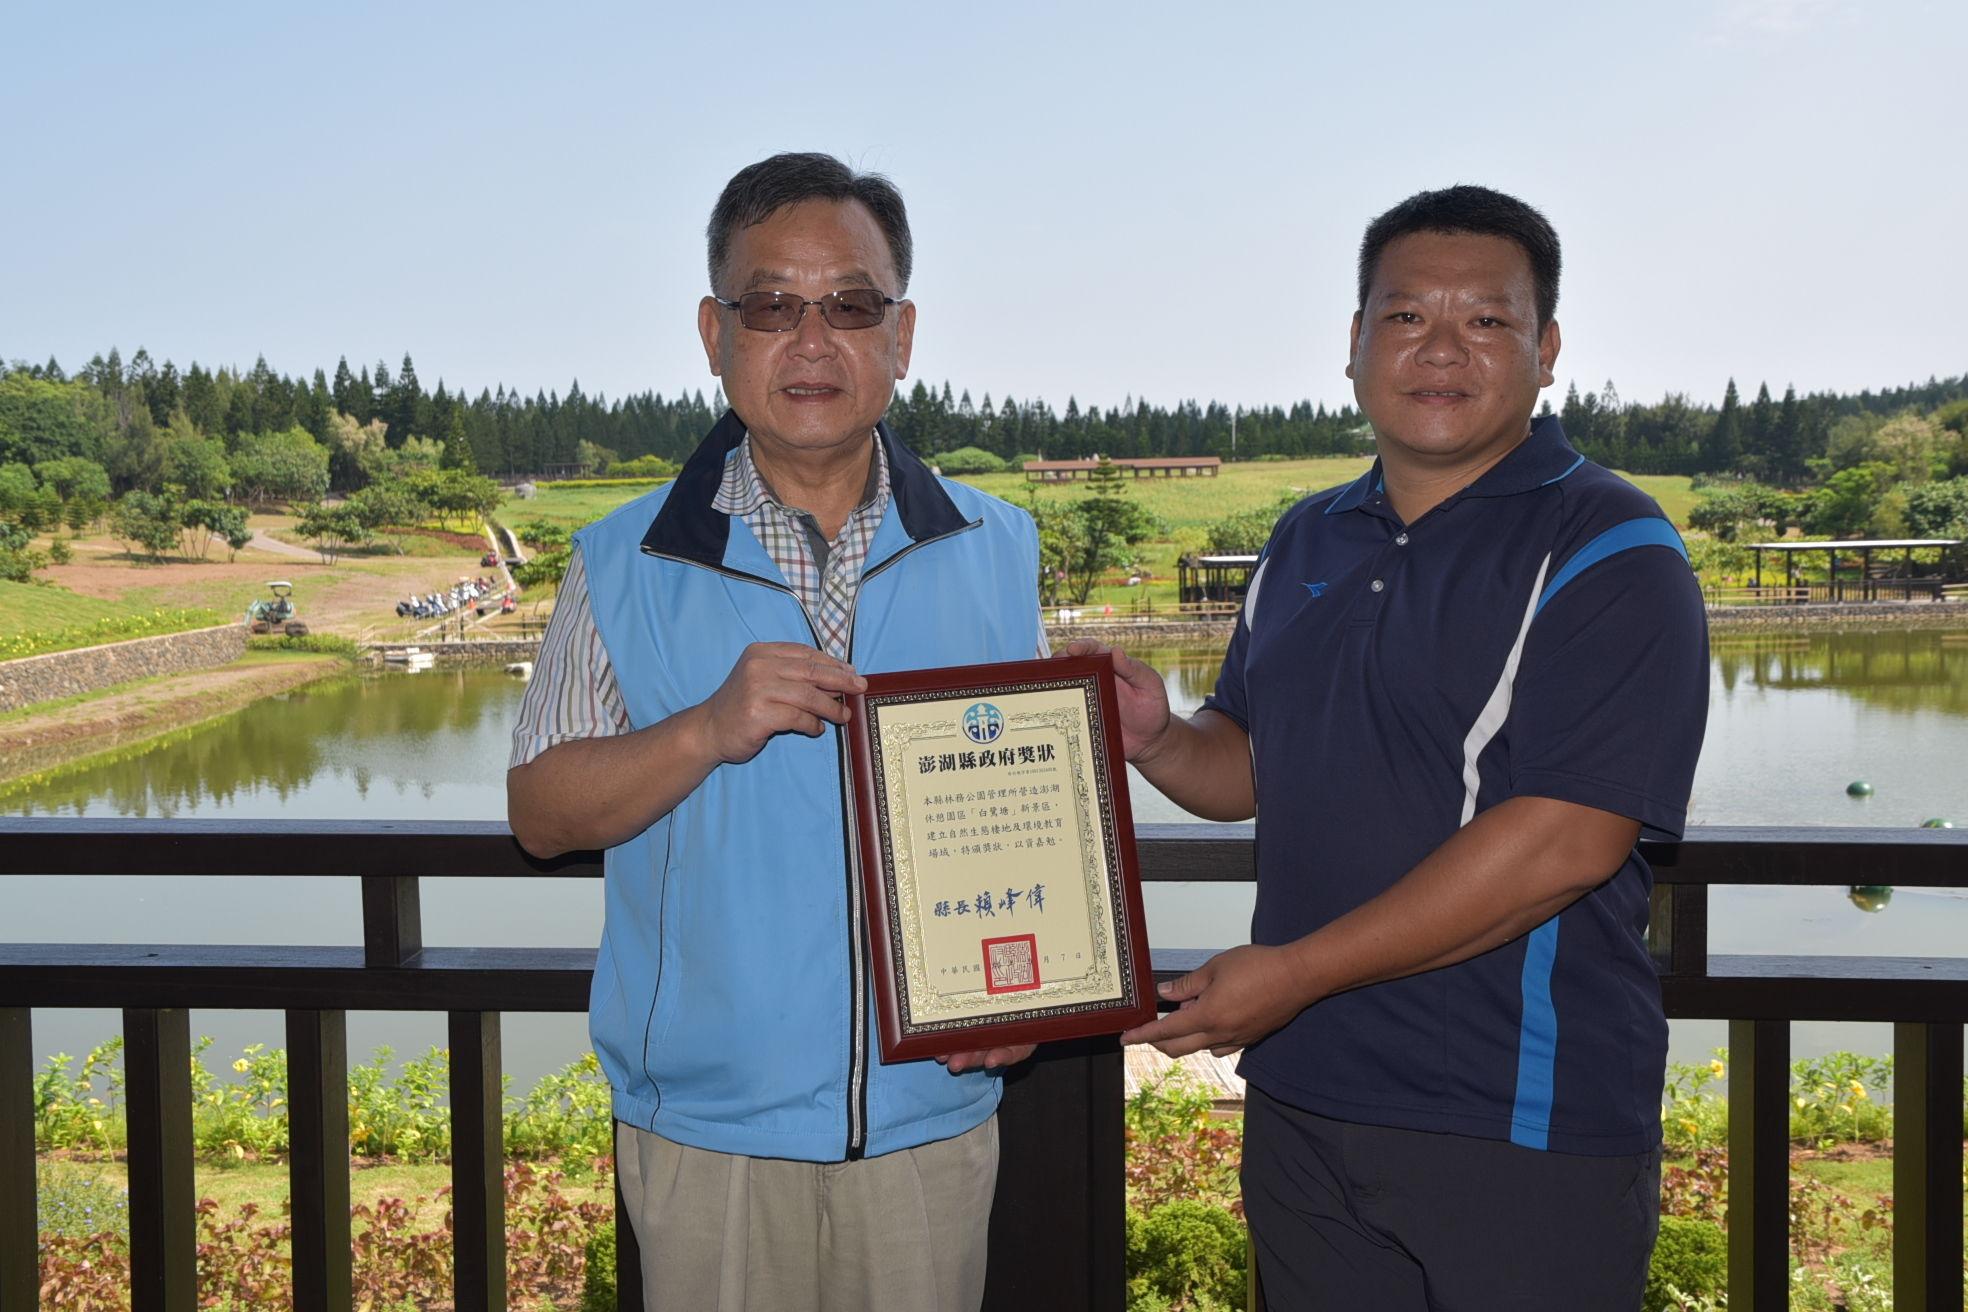 賴縣長表揚林務公園管理所長邱宗儀打造「白鷺塘」新景觀